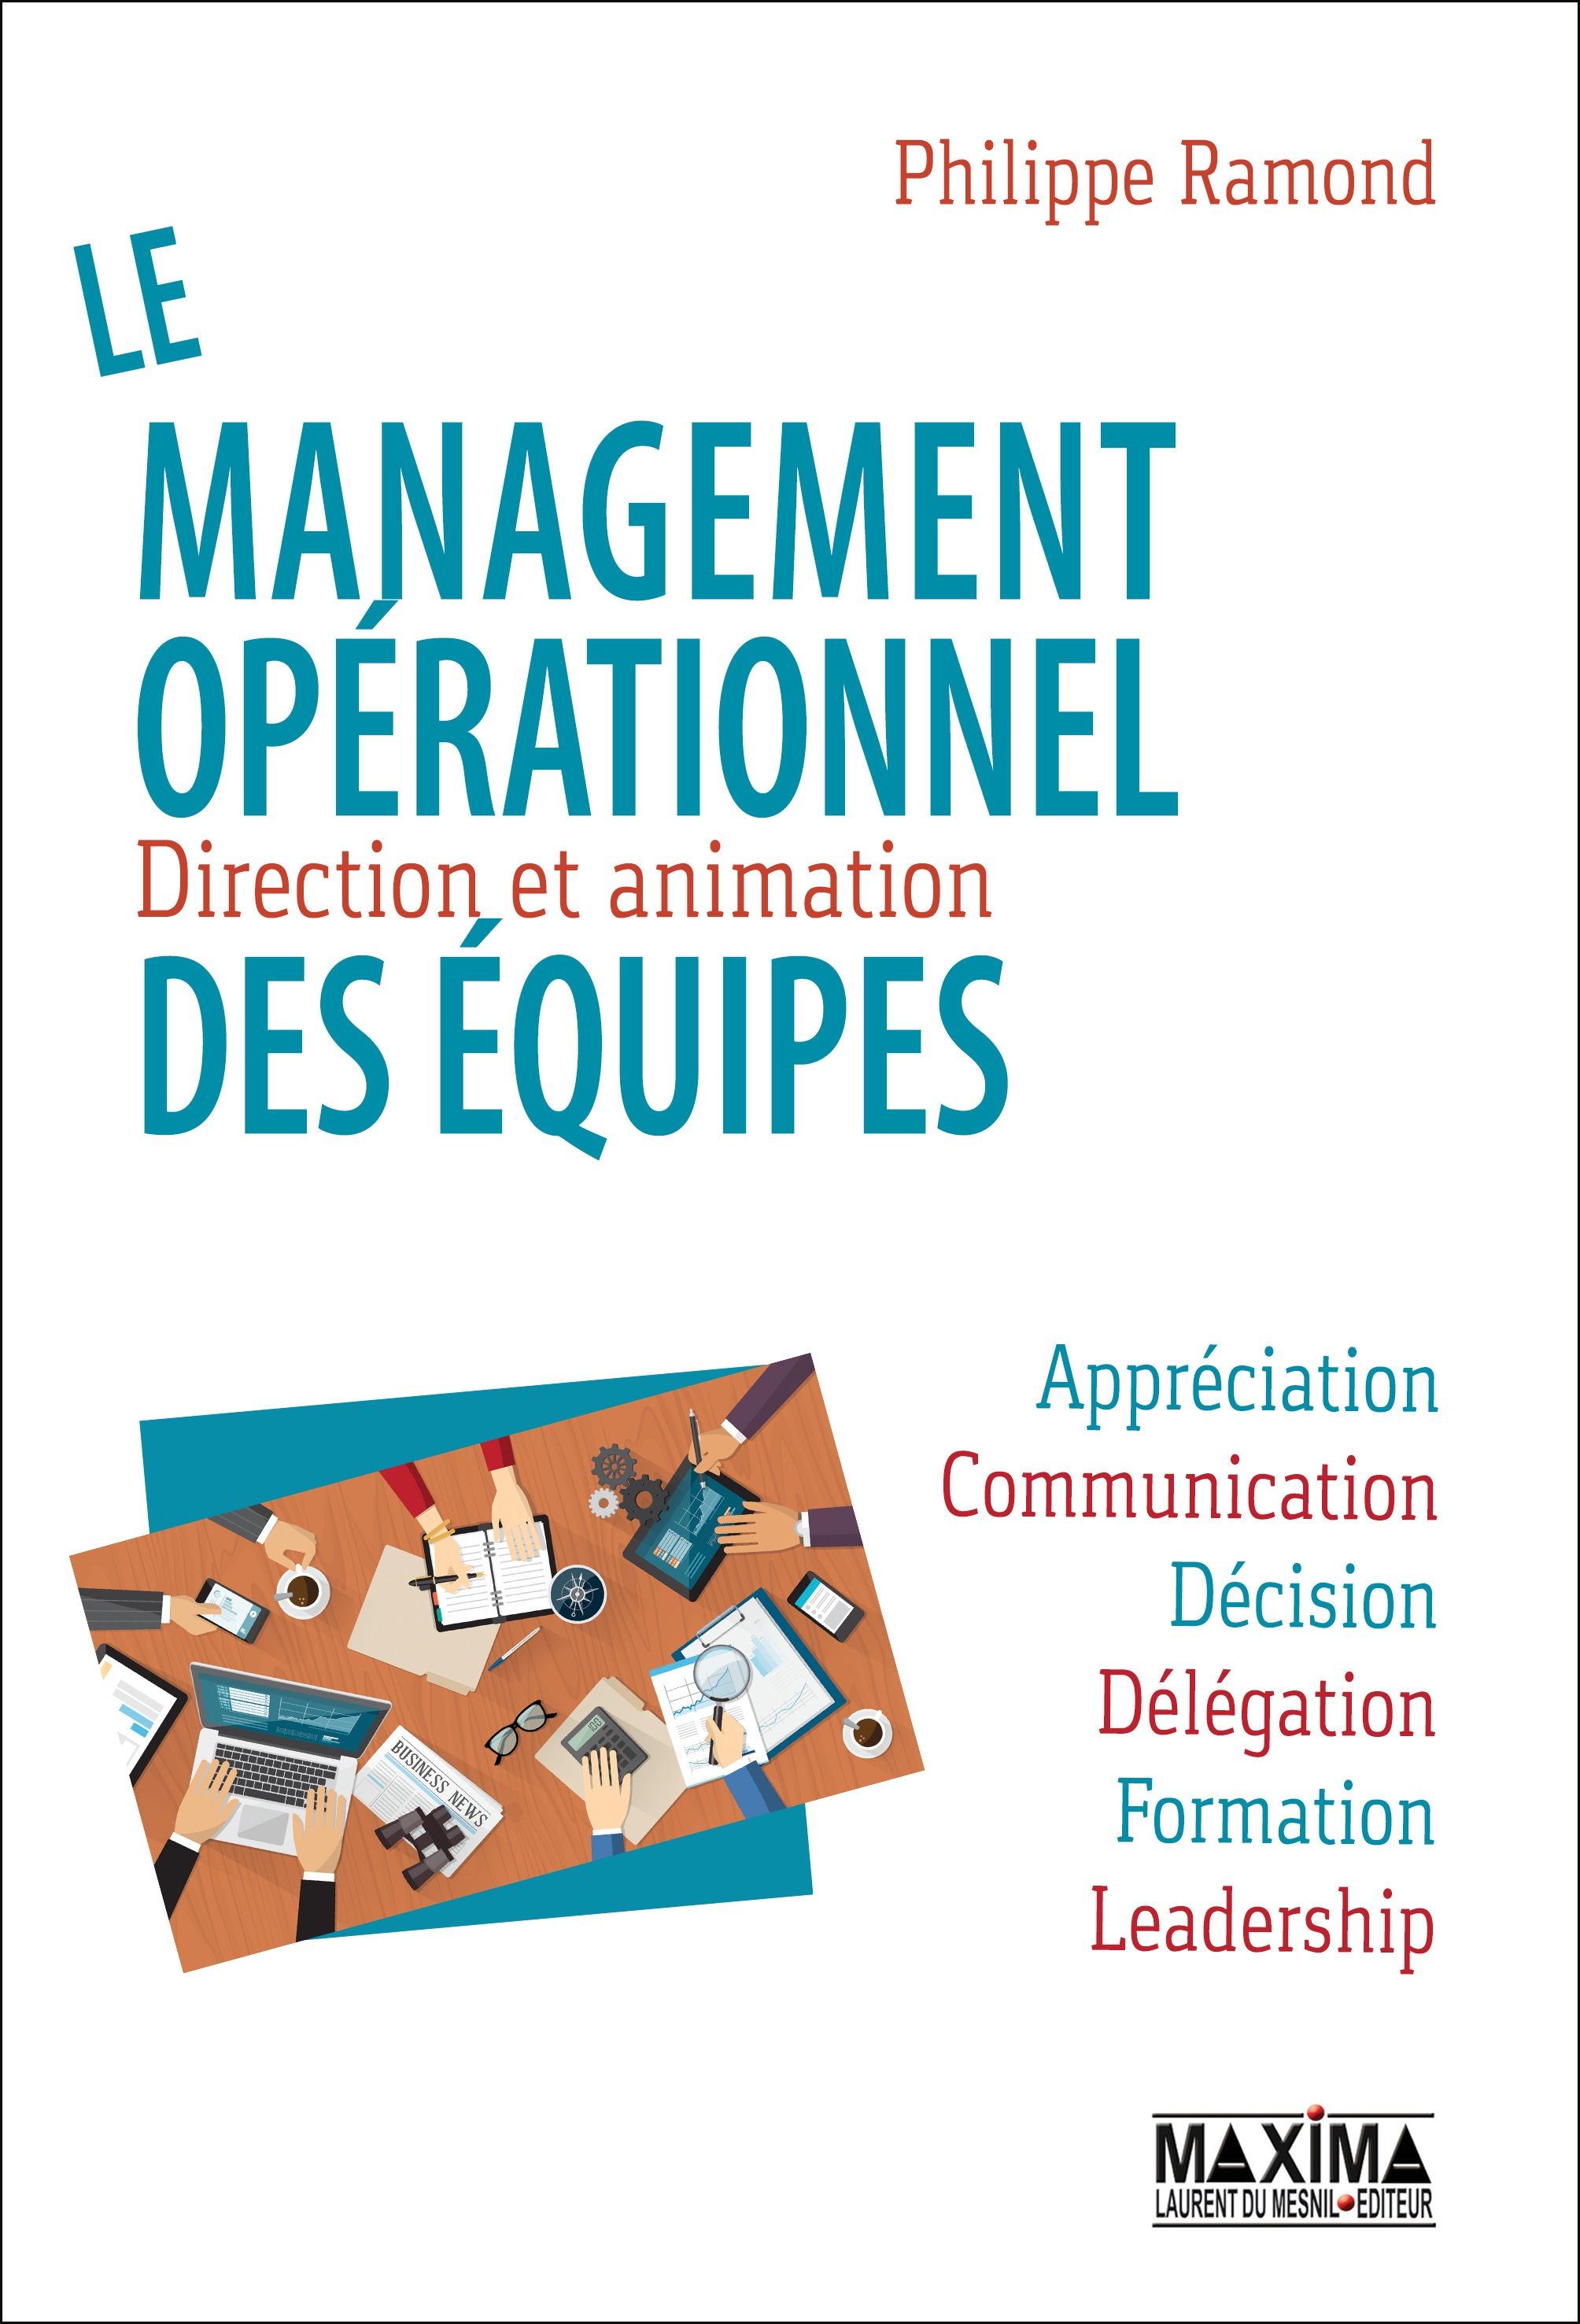 Le management opérationnel des équipes, DIRECTION ET ANIMATION